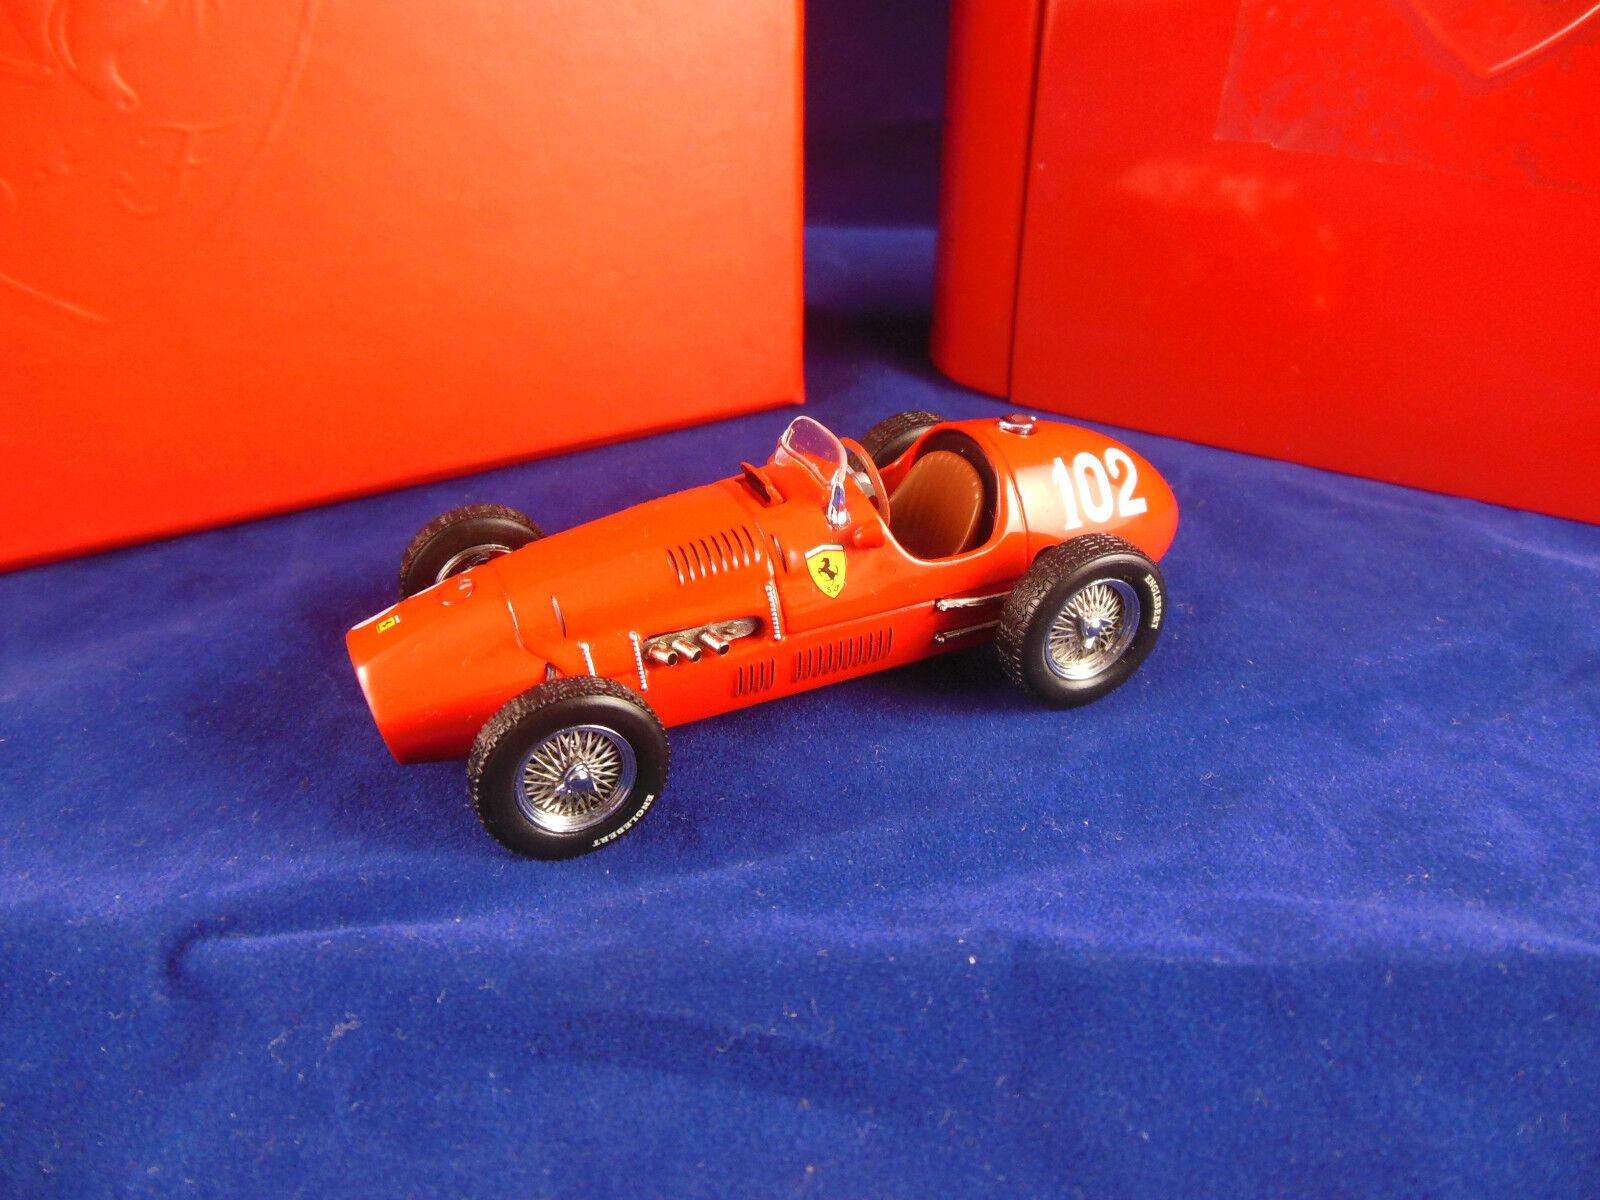 suministro directo de los fabricantes Muy raras Hotwheels Mattel SF11 52 52 52 Ferrari 500 F2  102 Ganador GP 1952 alemana  tienda de pescado para la venta